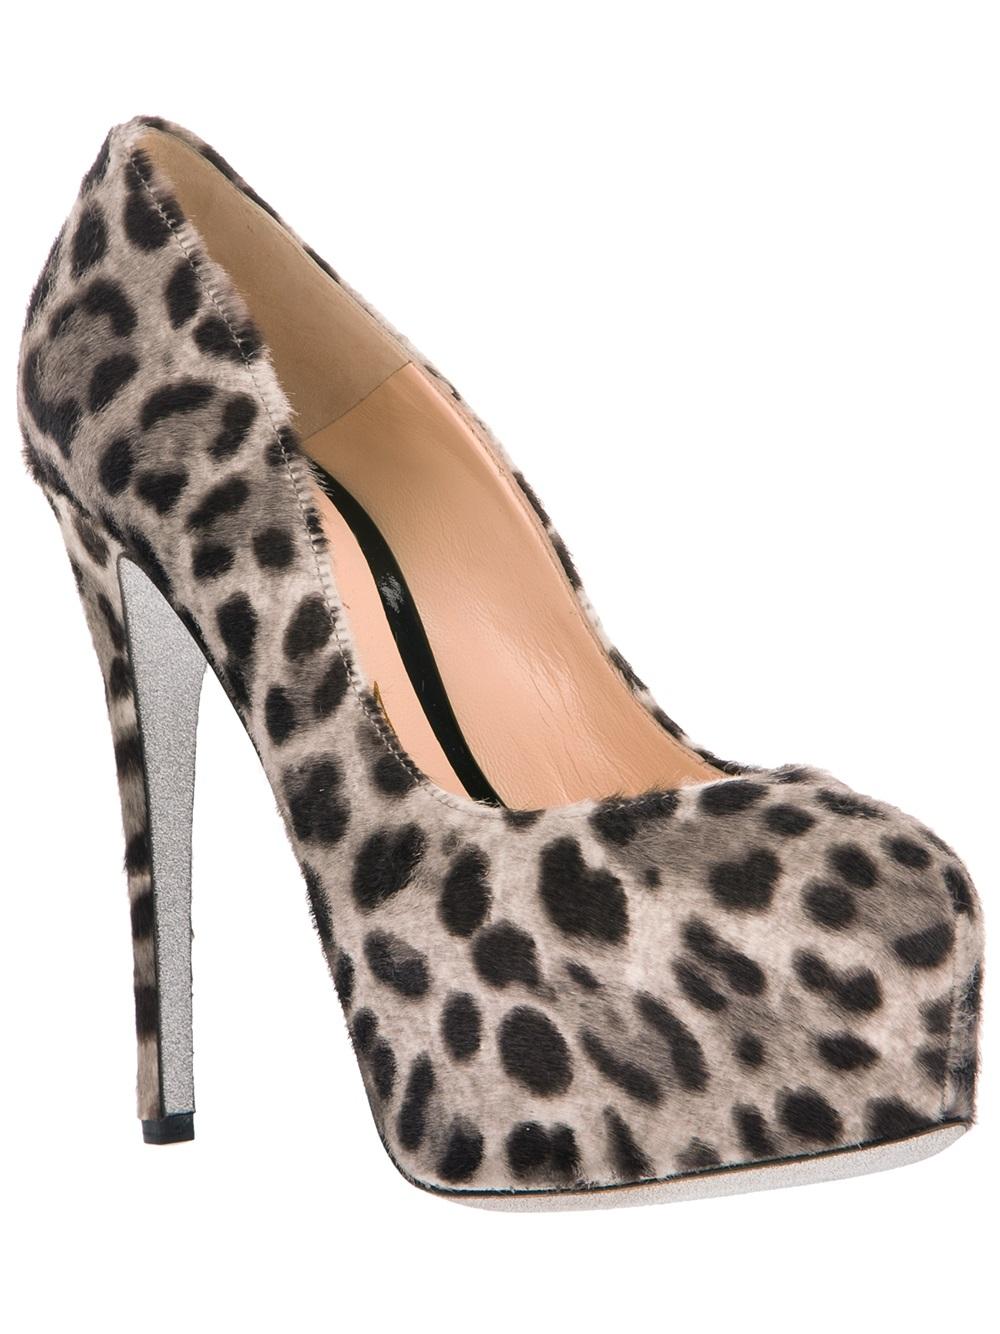 Leopard Skin Peep Toe Shoes